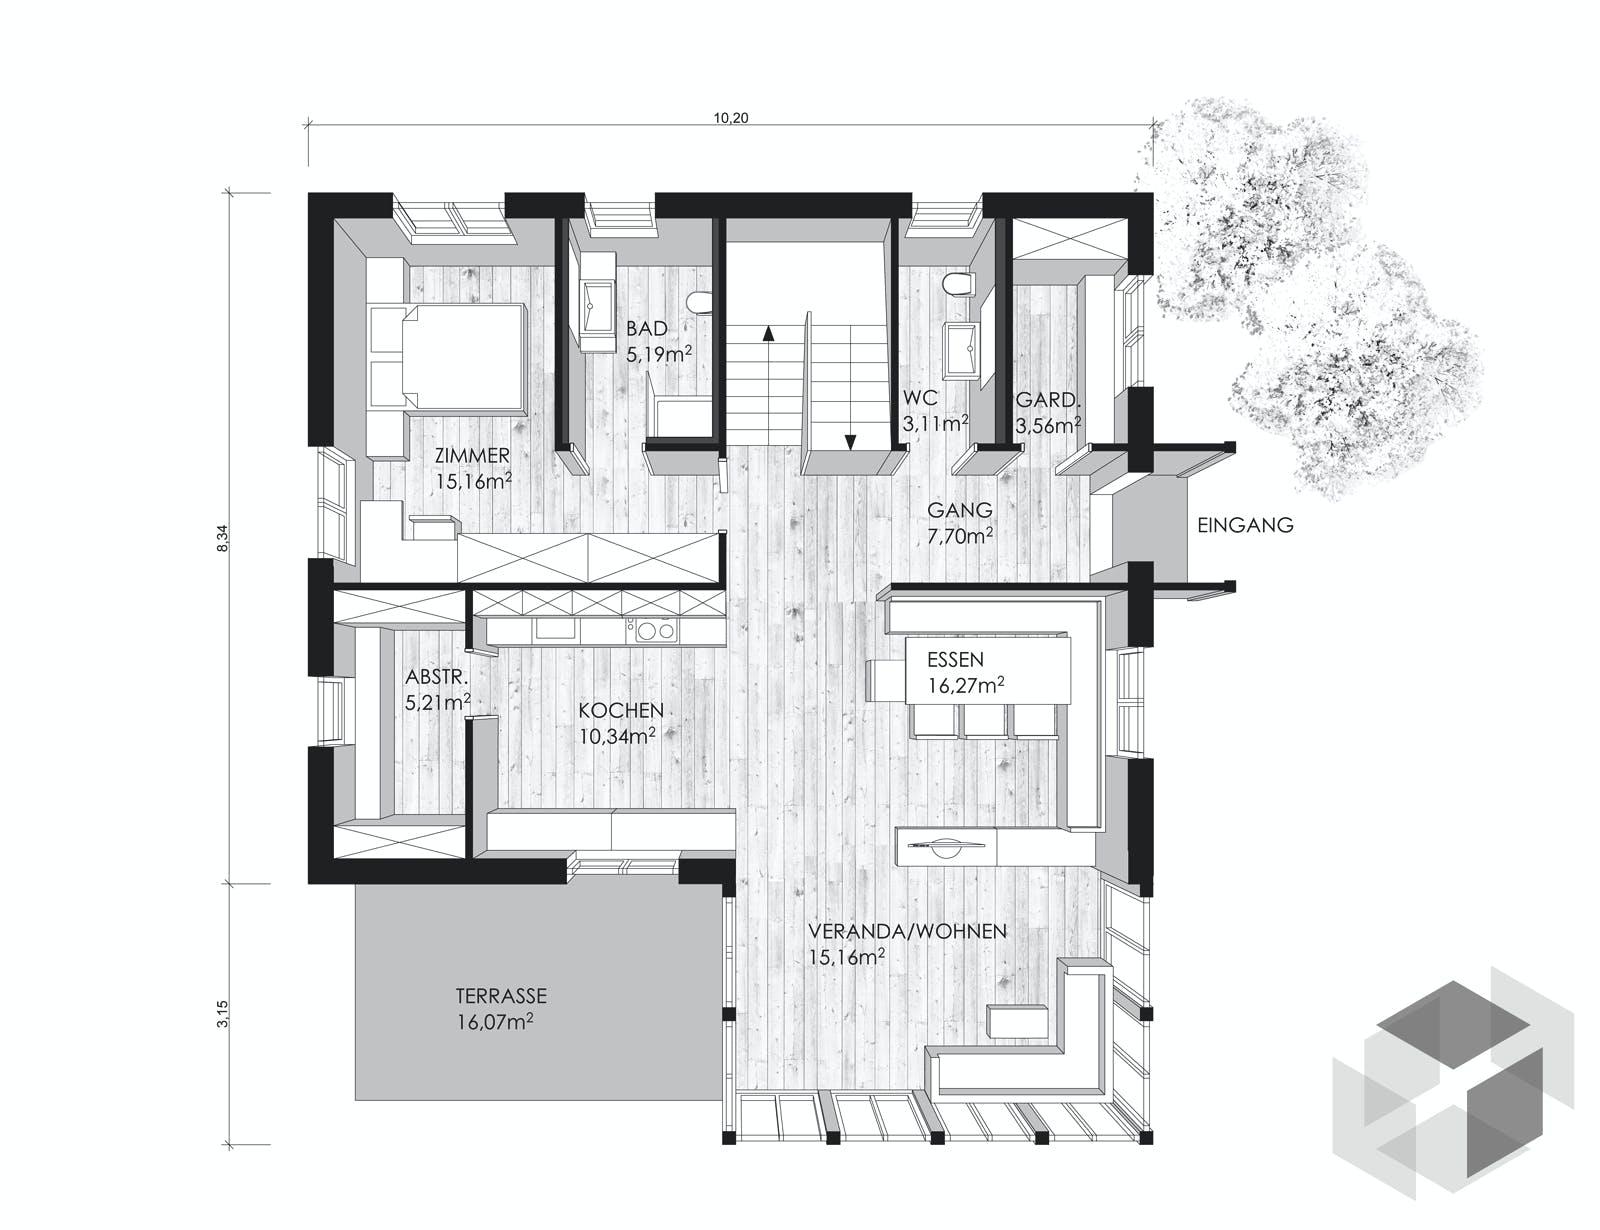 clara von rubner haus sterreich komplette daten bersicht. Black Bedroom Furniture Sets. Home Design Ideas